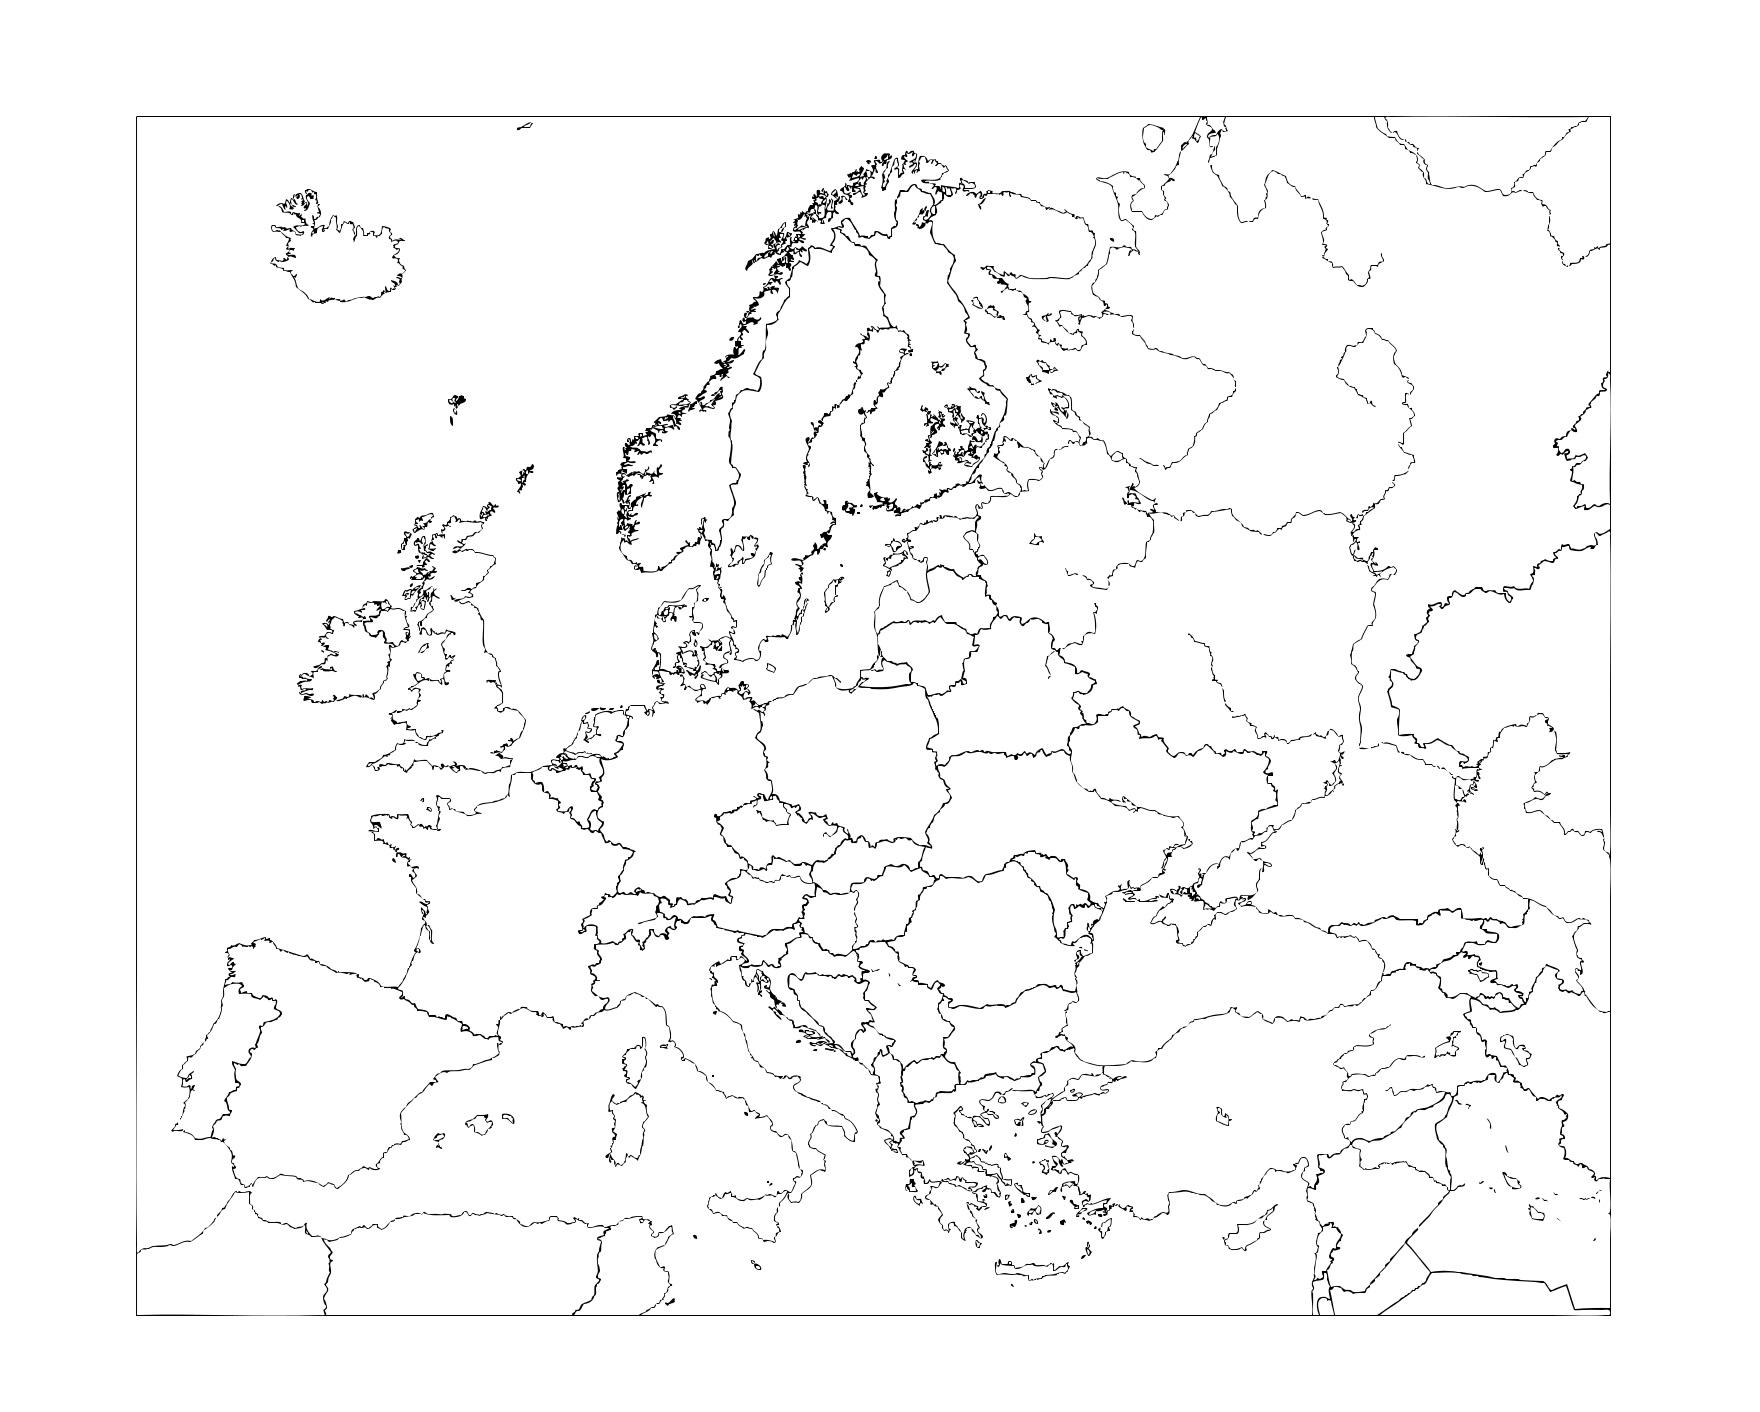 Mapa Fisico De Oceania Mudo Para Imprimir En Blanco Y Negro.Mapa De Europa Politico Fisico Mudo Estan Todos